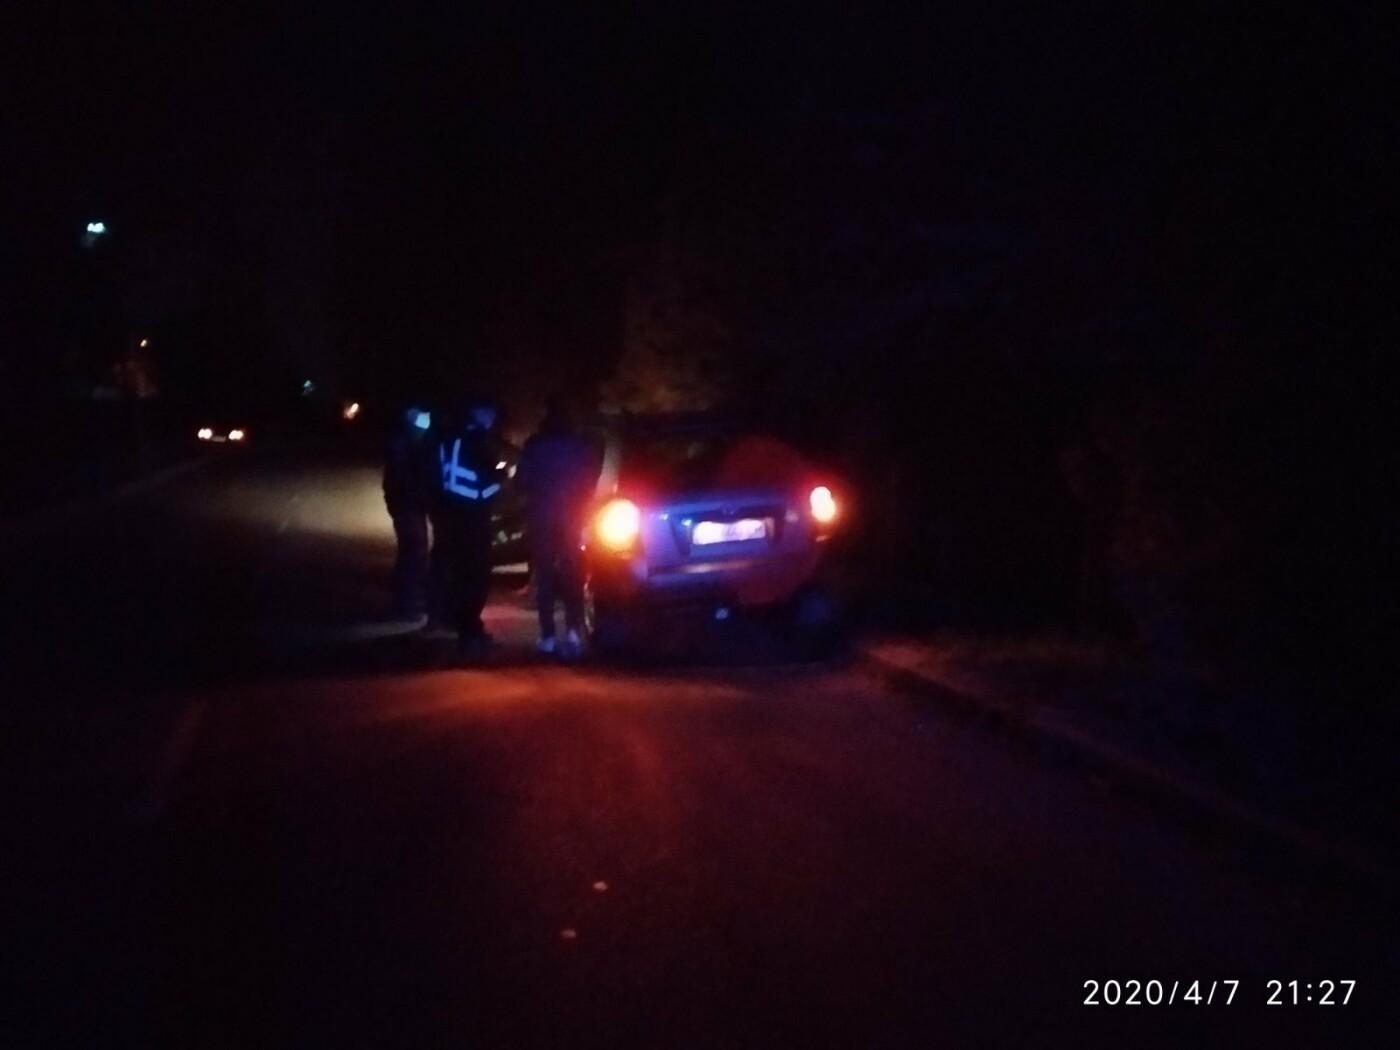 На автошляху Трускавець-Стебник ДТП - збили жінку, фото-4, Фото - 03247.com.ua